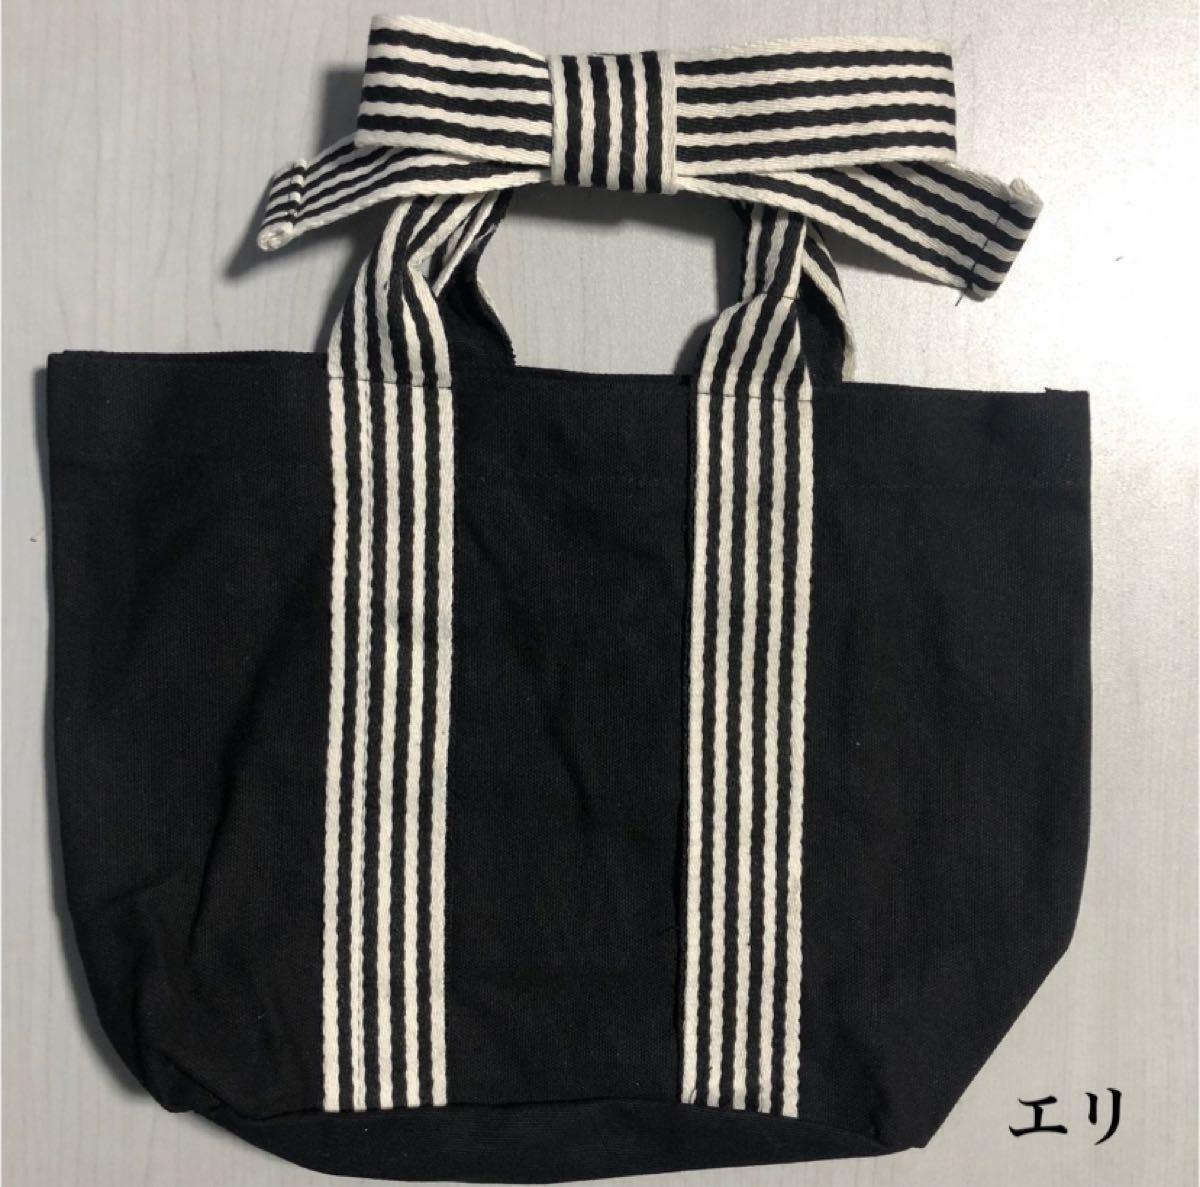 トートバッグ リボン キャンバス ミニトート ボーダー ランチバッグ ブラック マザーズバッグ 黒 エコバッグ ミニバッグ